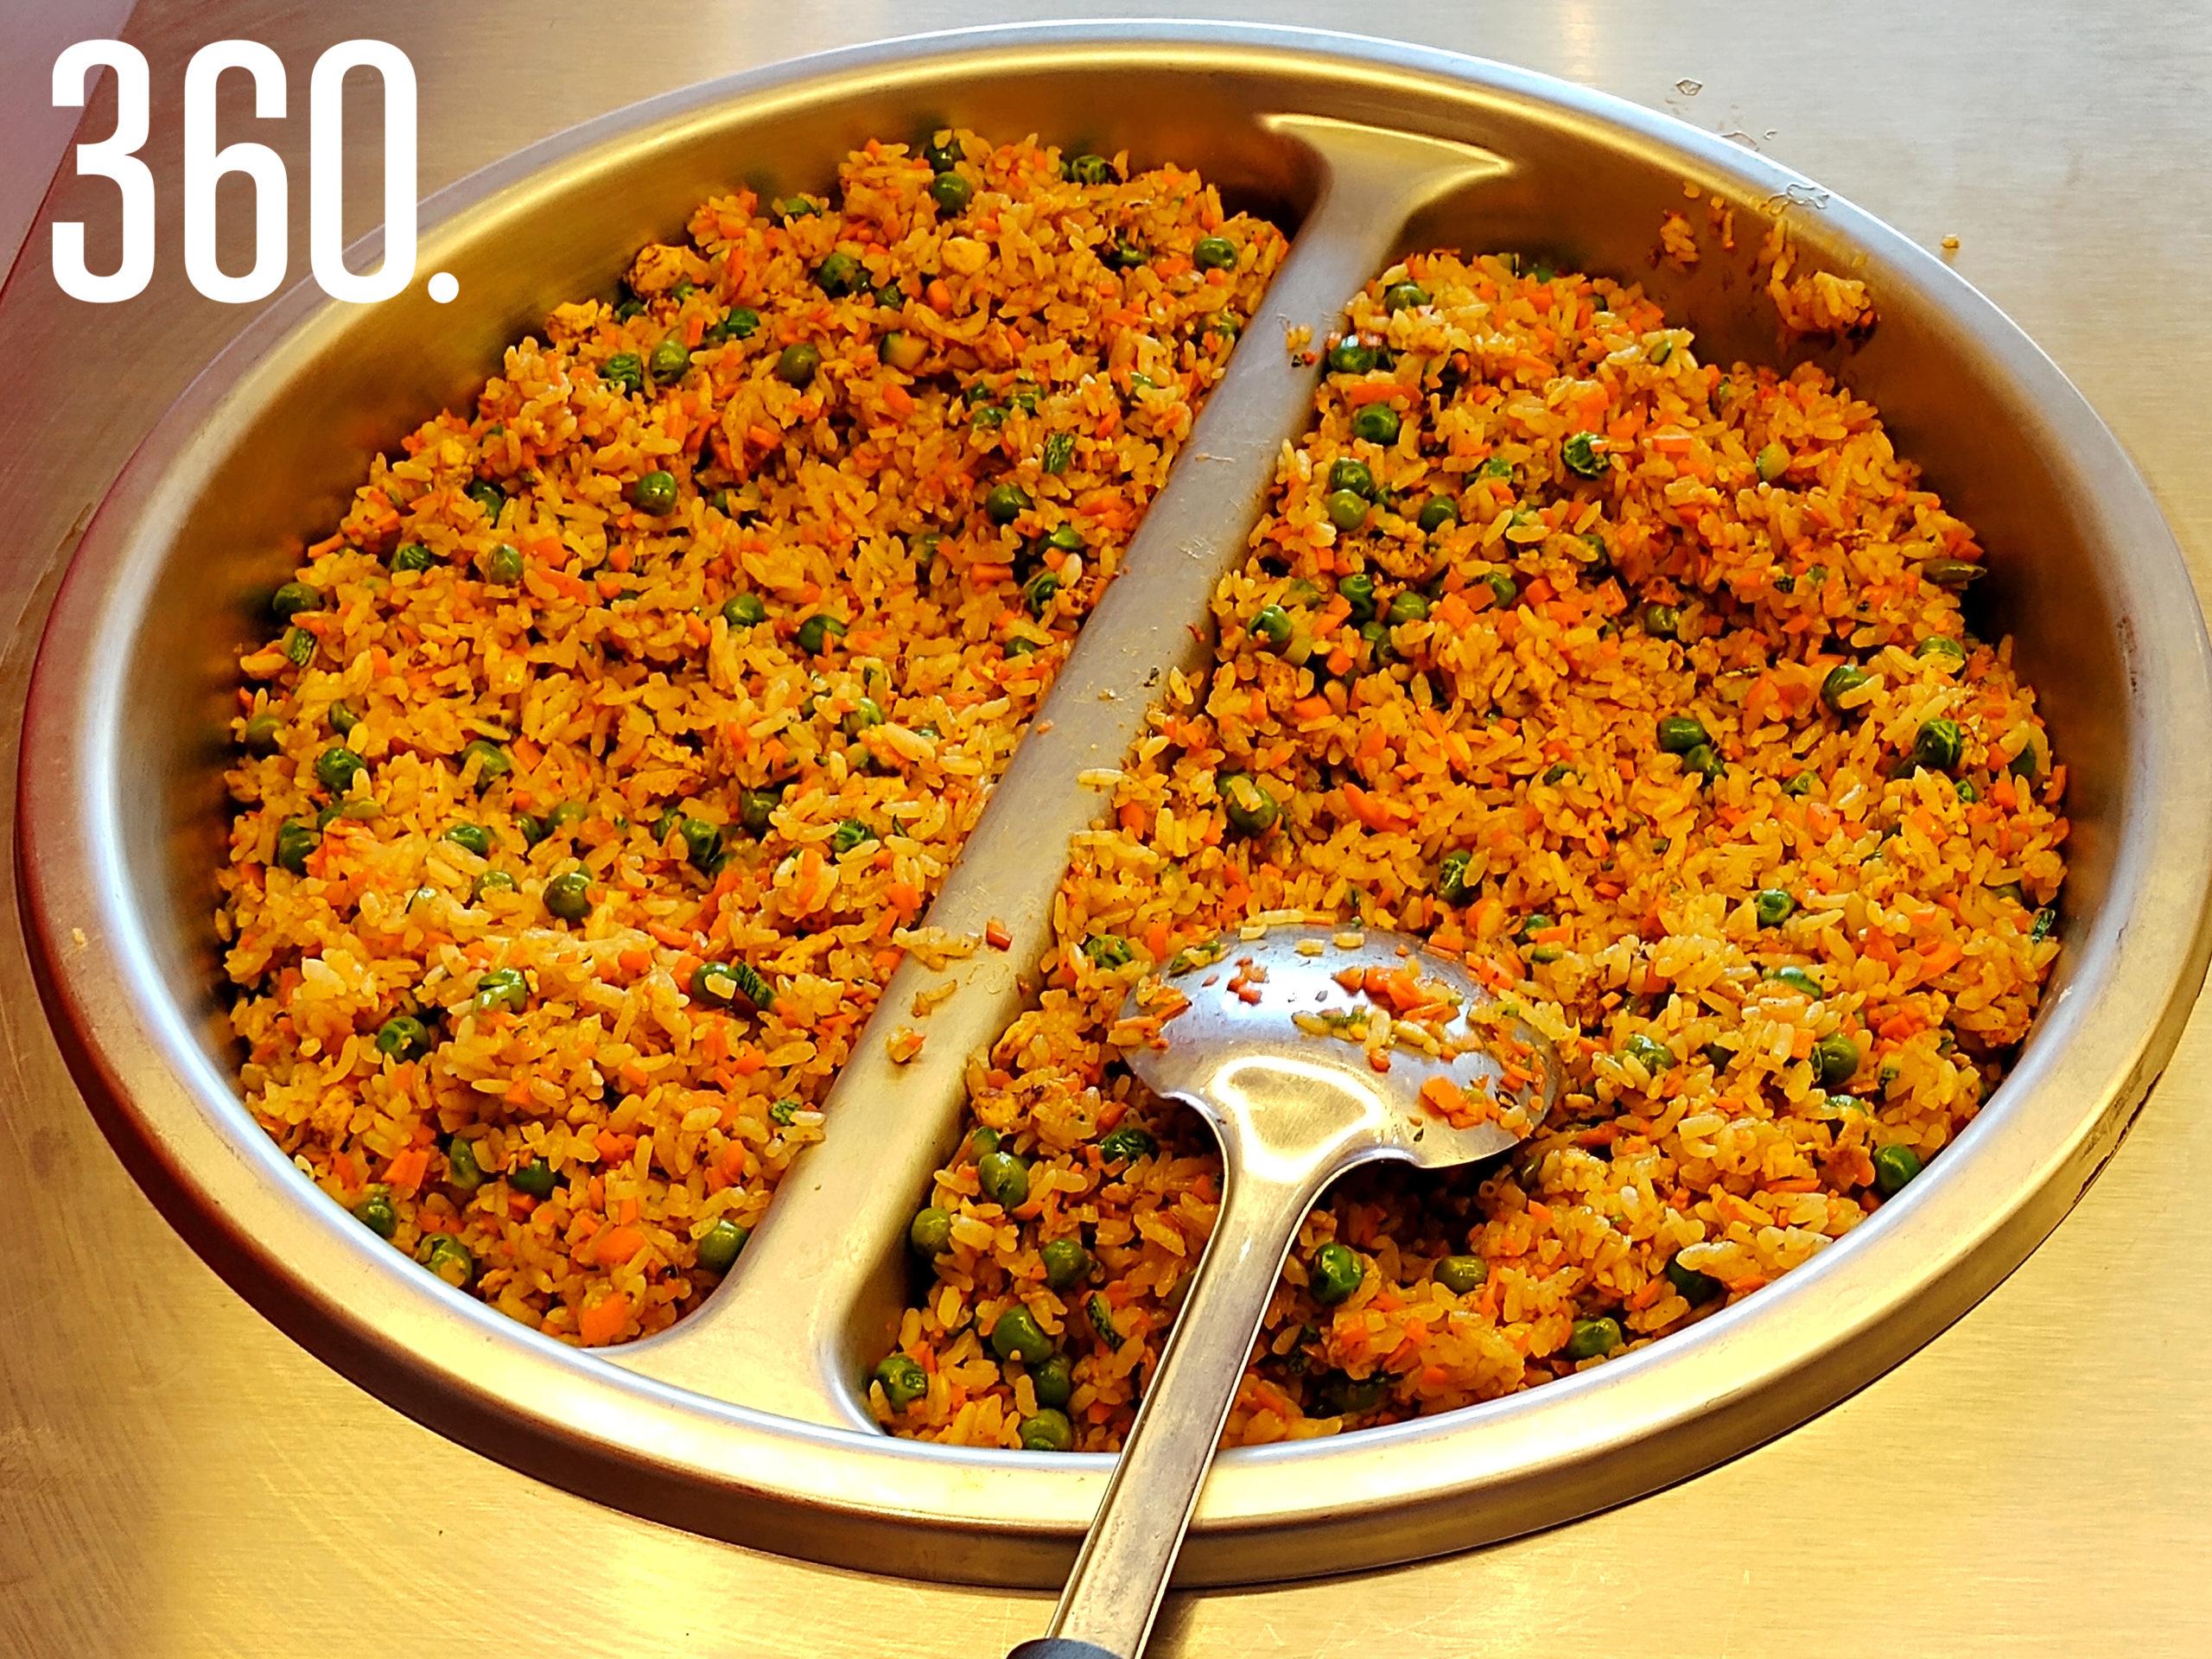 El tradicional arroz frito chino, con el toque especial de Panda Panda.